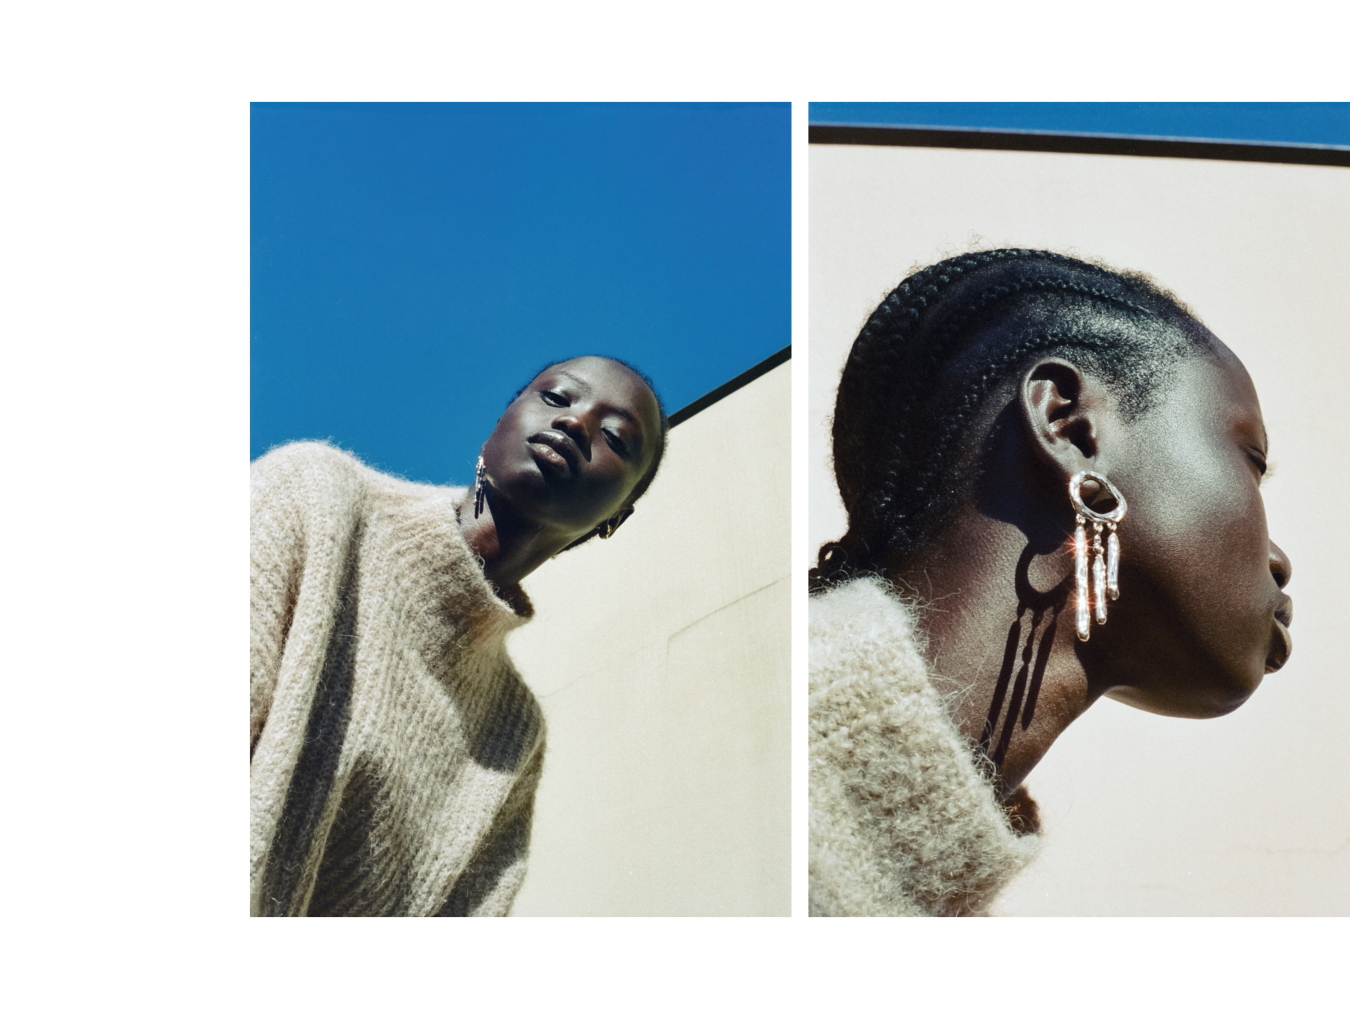 Nique jumper, Stylist's own earrings